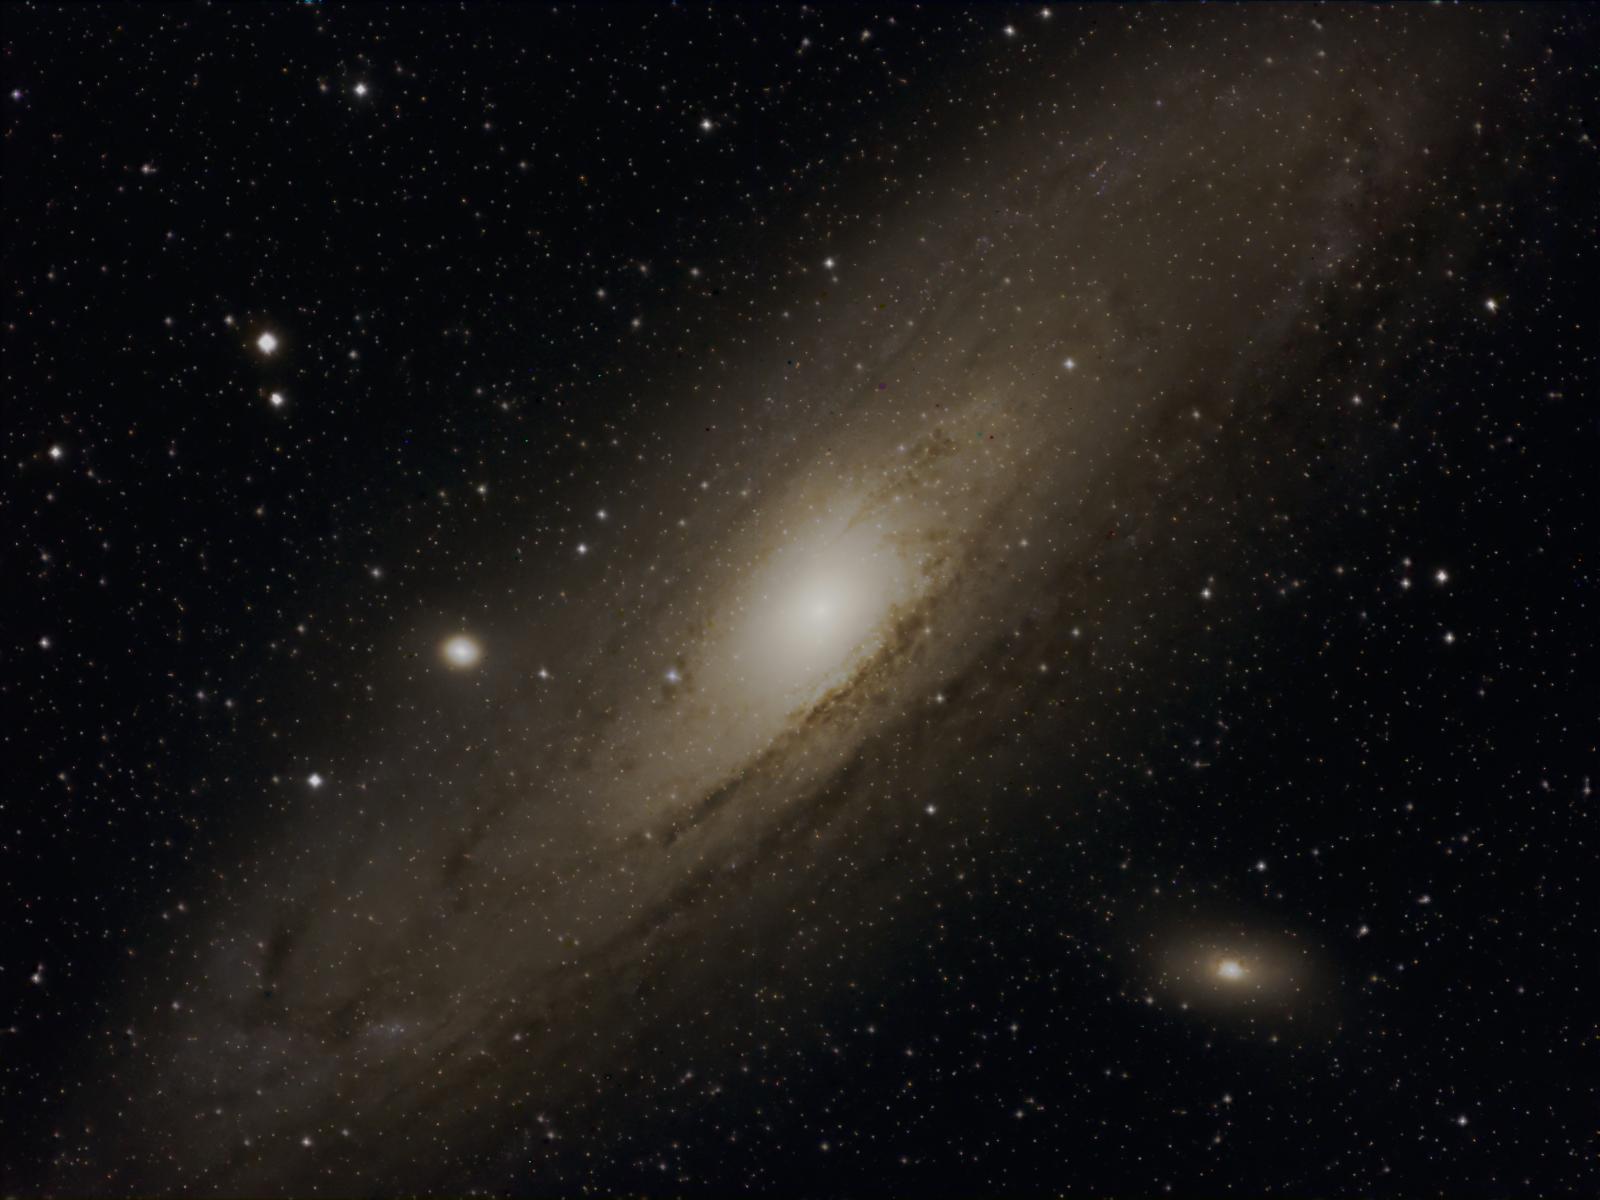 M31-2.jpg.9b9a8b250cb41d0ba56cb2312e45da2a.jpg